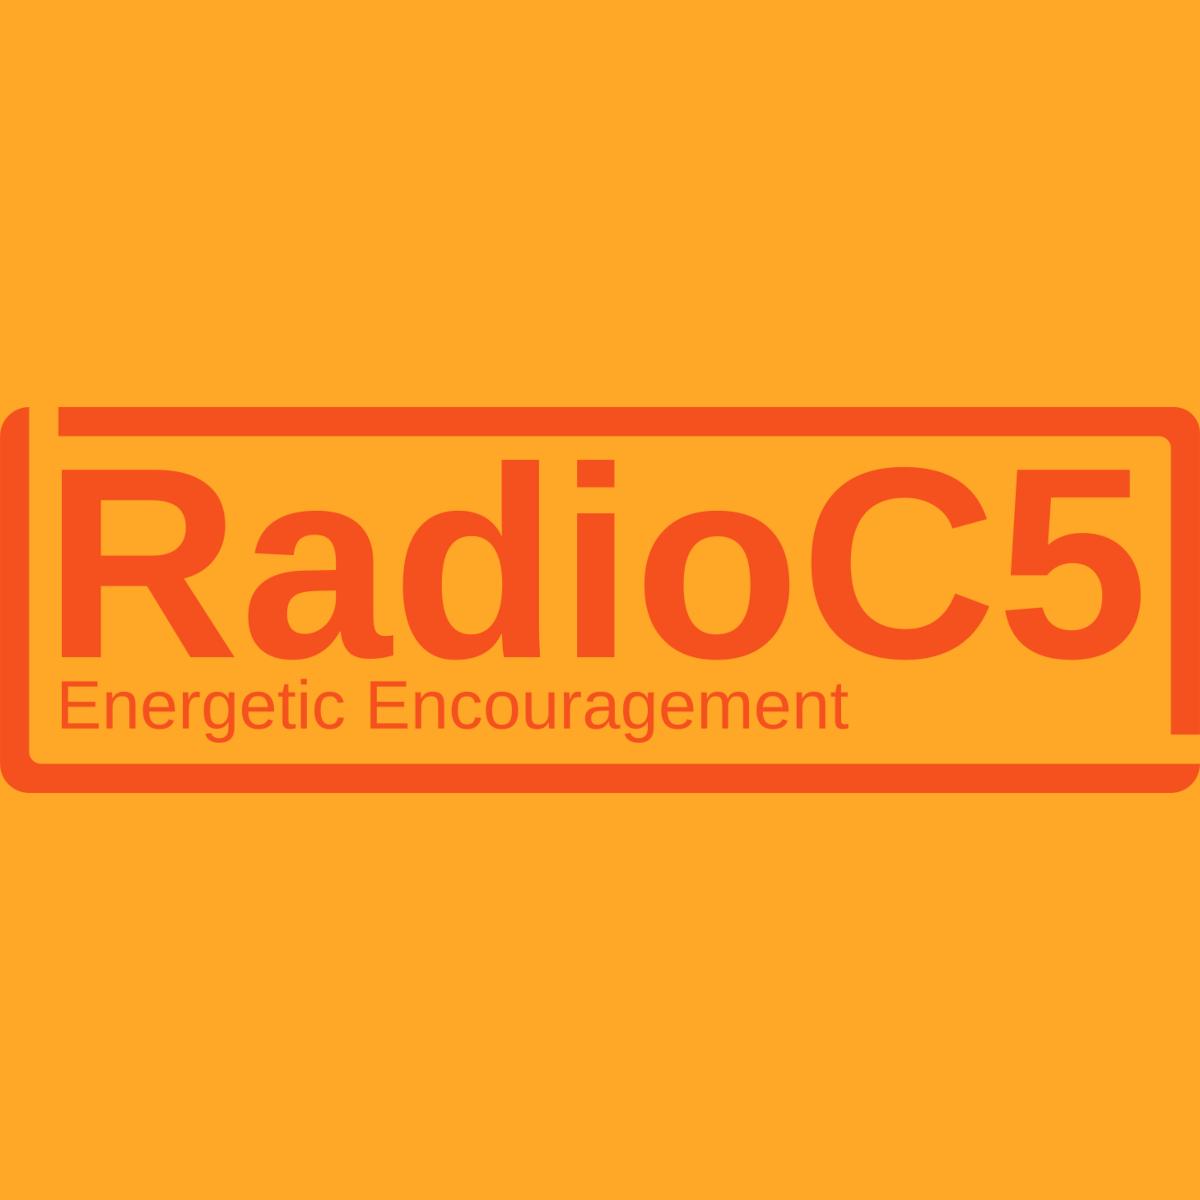 RadioC5 logo